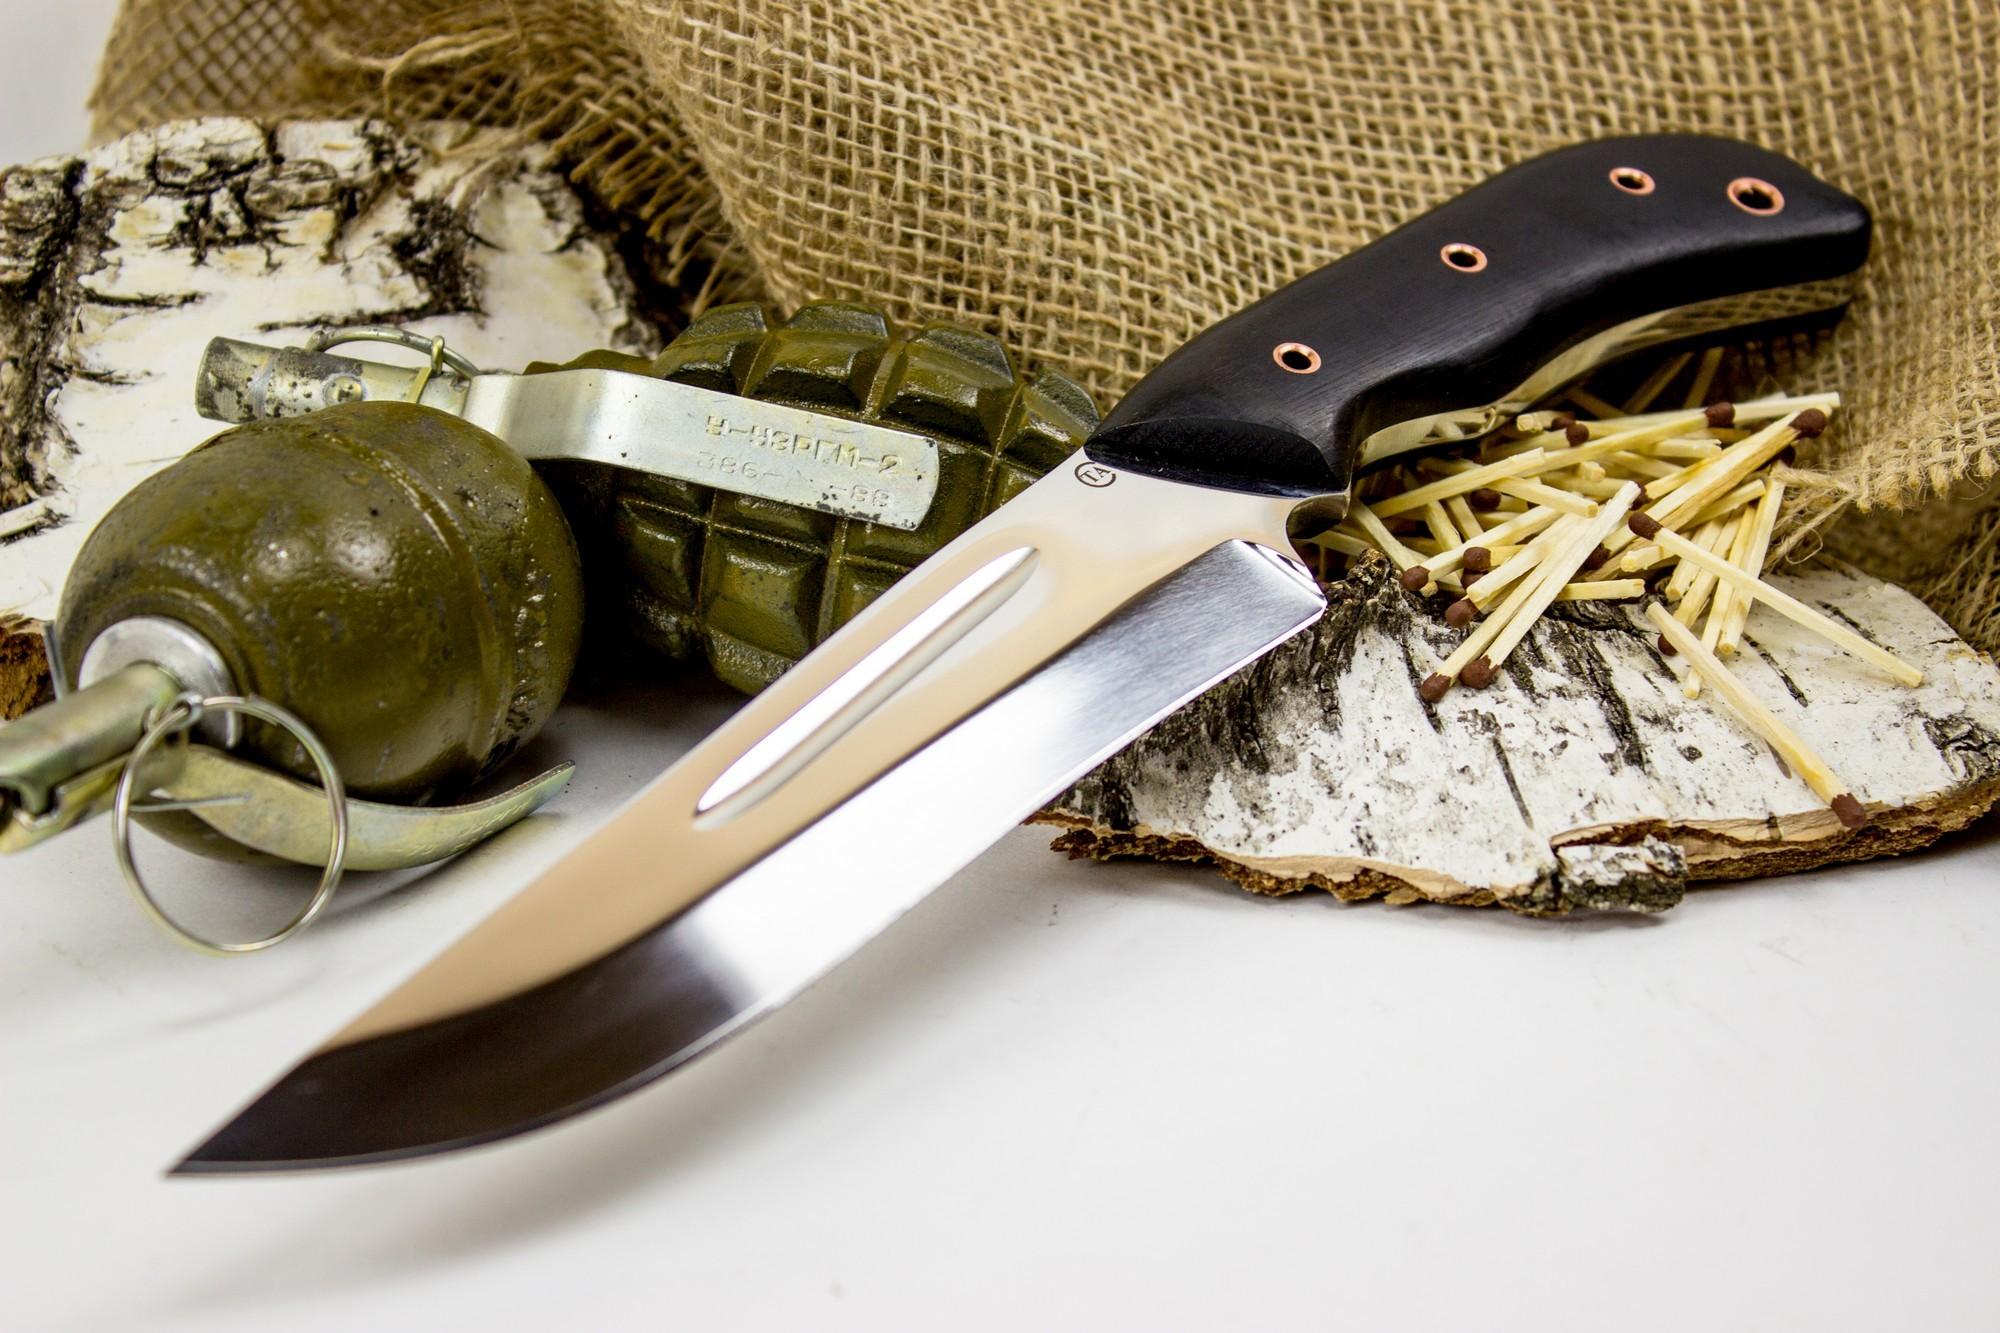 Фото 2 - Нож Гарпун-1, сталь 95х18, венге от Титов и Солдатова